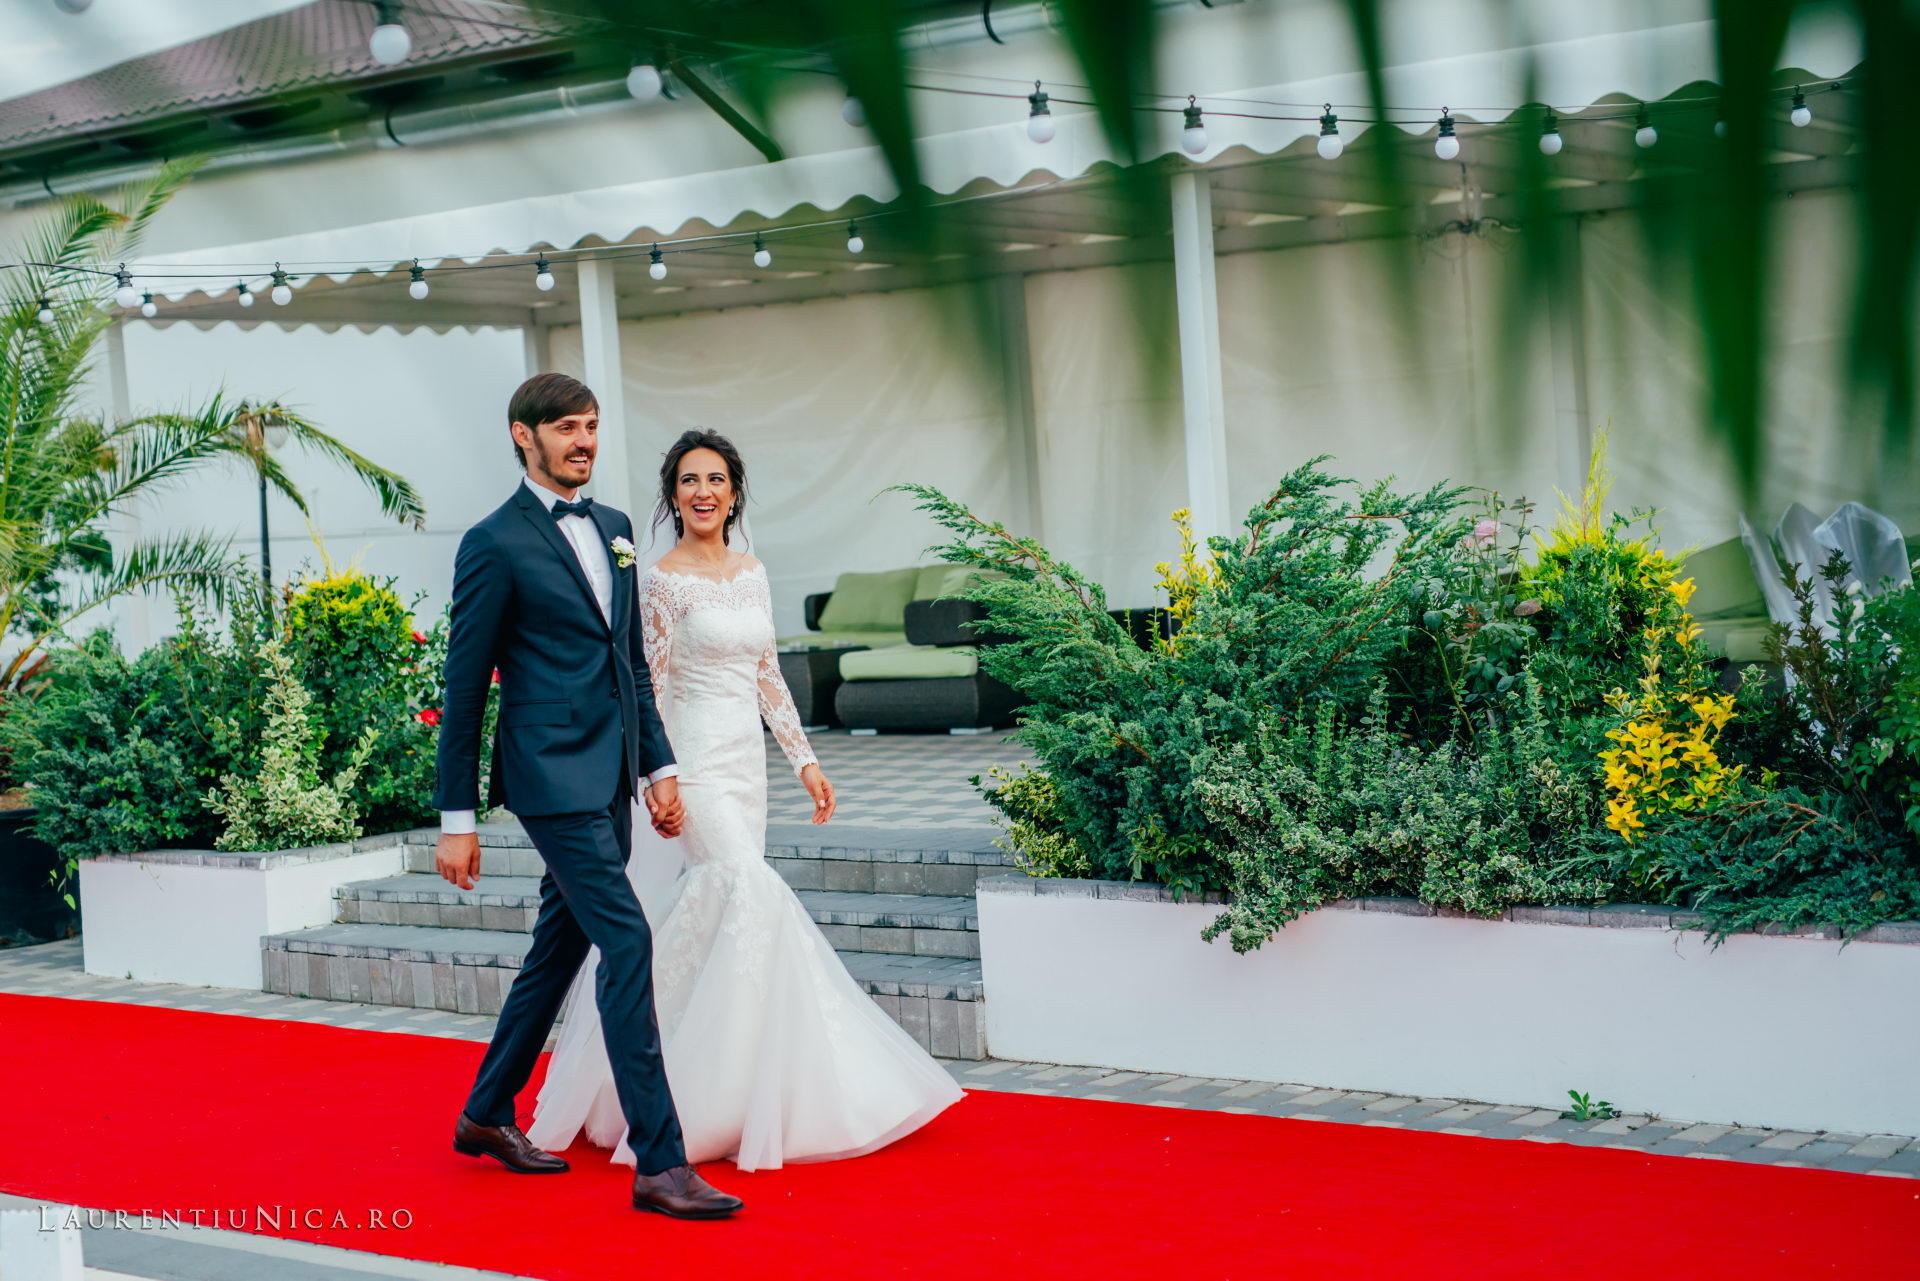 Cristina si Ovidiu nunta Craiova fotograf laurentiu nica 116 - Cristina & Ovidiu | Fotografii nunta | Craiova